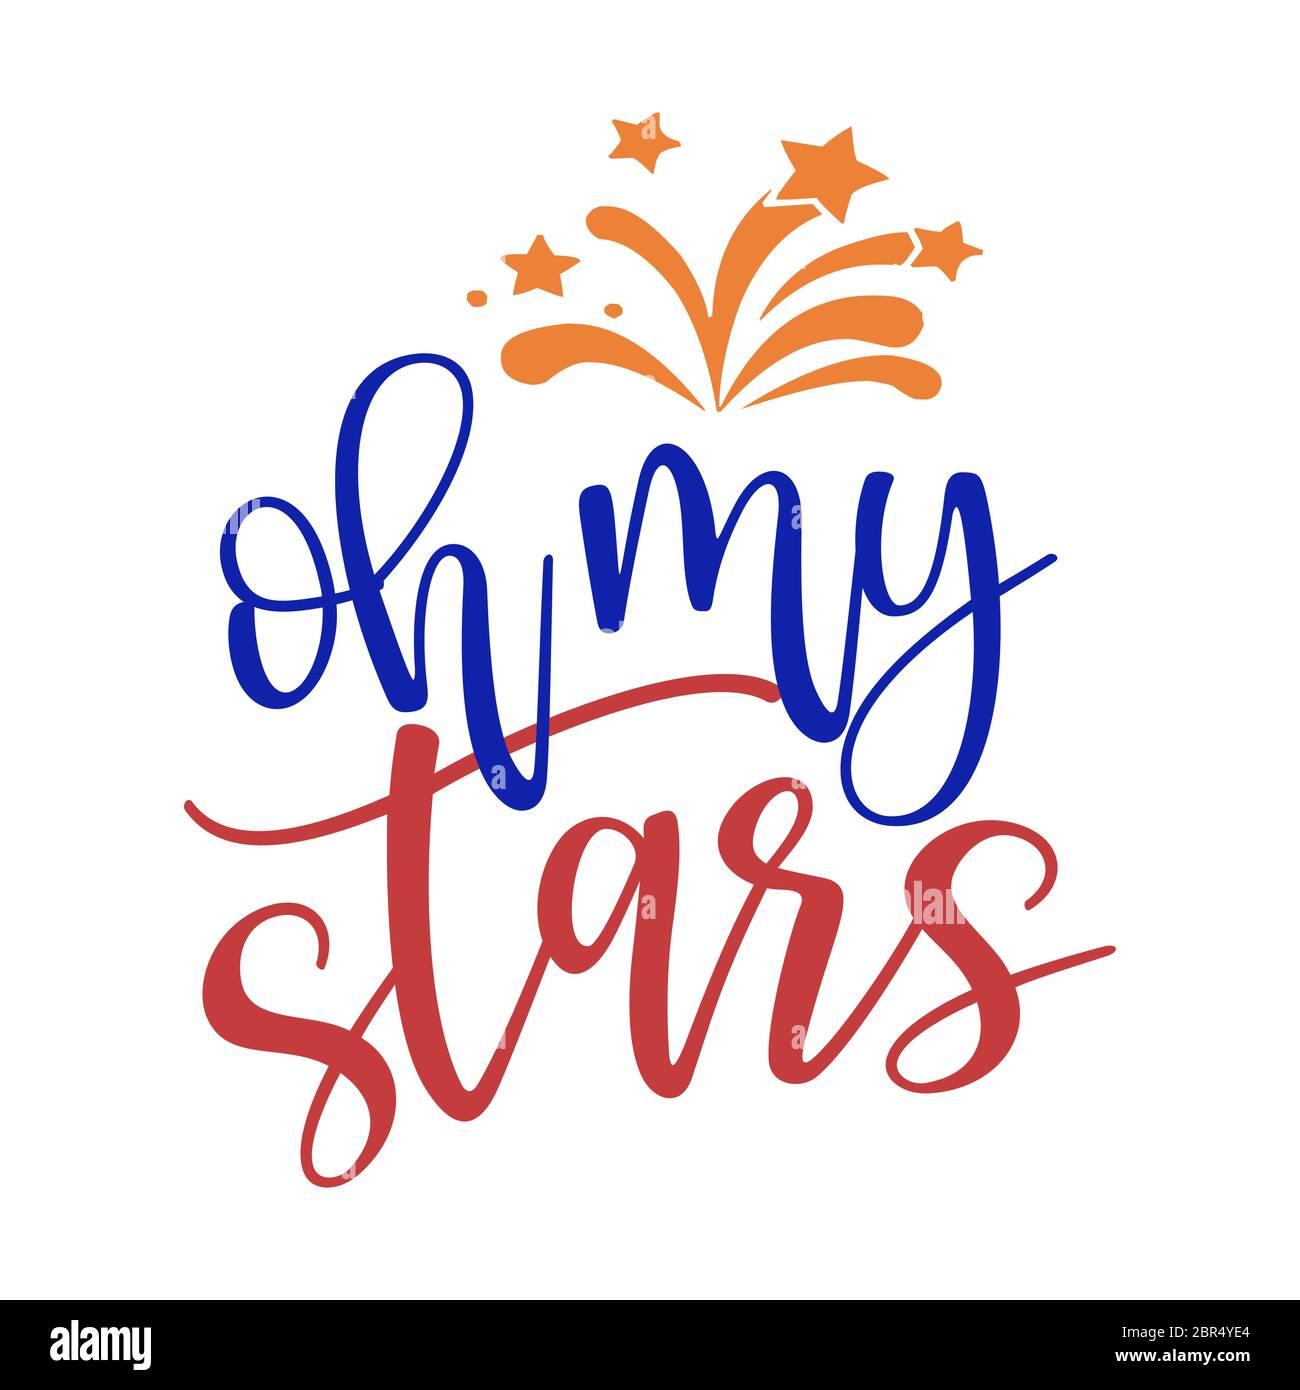 OH le mie stelle - Happy Independence Day 4 luglio scritta illustrazione di disegno. Adatto per pubblicità, poster, annuncio, invito, festa, saluto auto Illustrazione Vettoriale